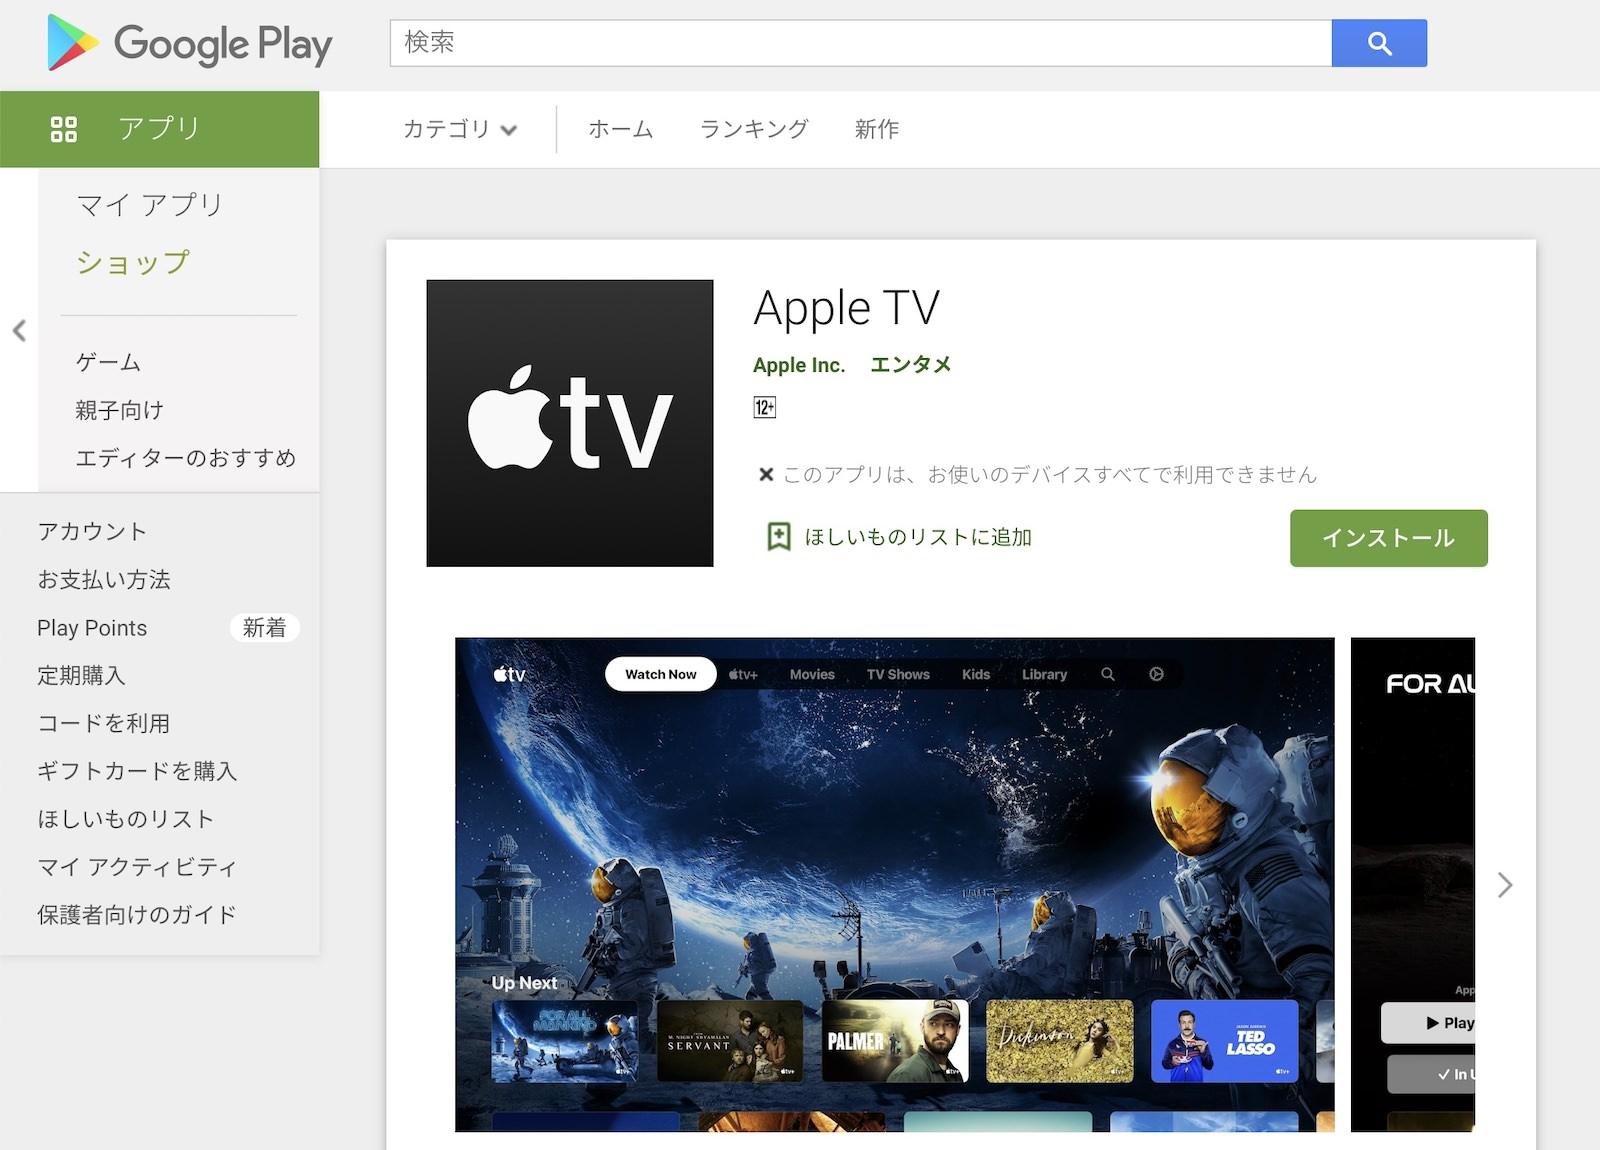 apple-tv-for-google-chromecast.jpg